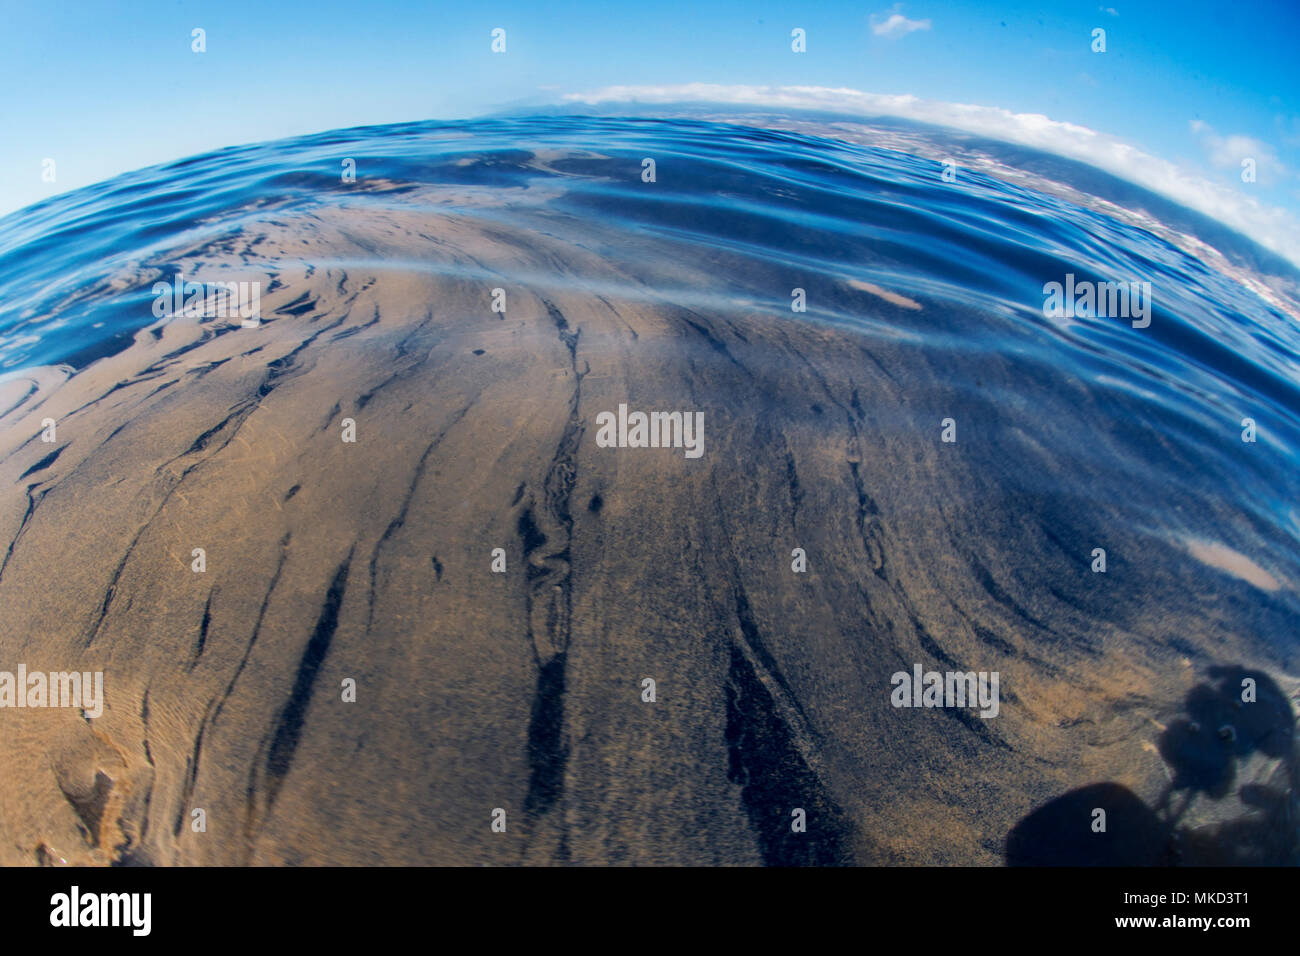 Trichodesmium, auch genannt Meer Sägemehl (Trichodesmium erythraeum). Es scheint massiv in Oberfläche, die Zeit der Wärme. Es ist ein natürlicher Prozess. Teneriffa, Kanarische Inseln. Stockfoto